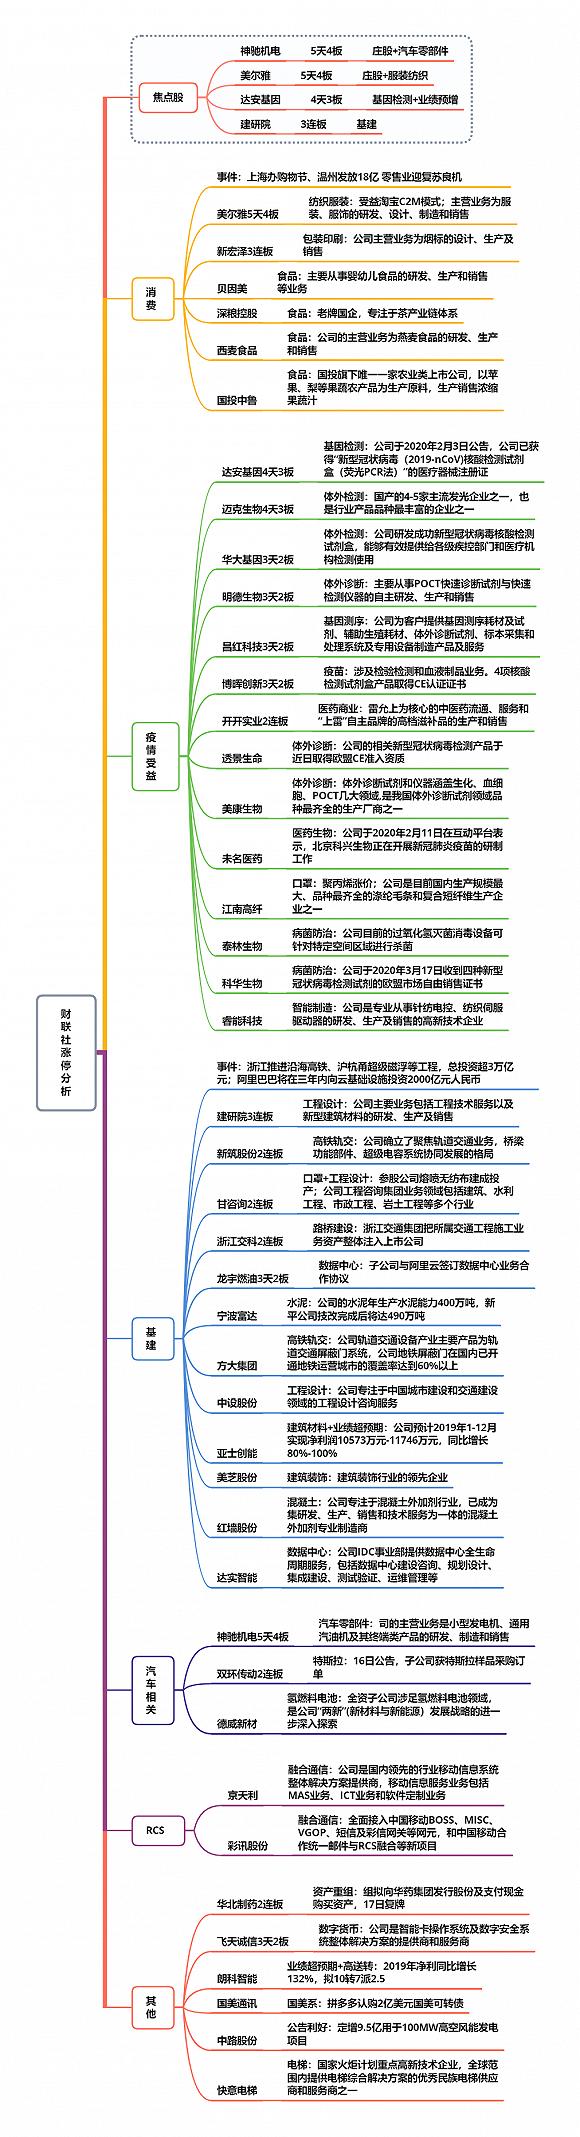 【财联社午报】创业板指涨近1%,新冠检测股掀涨停潮